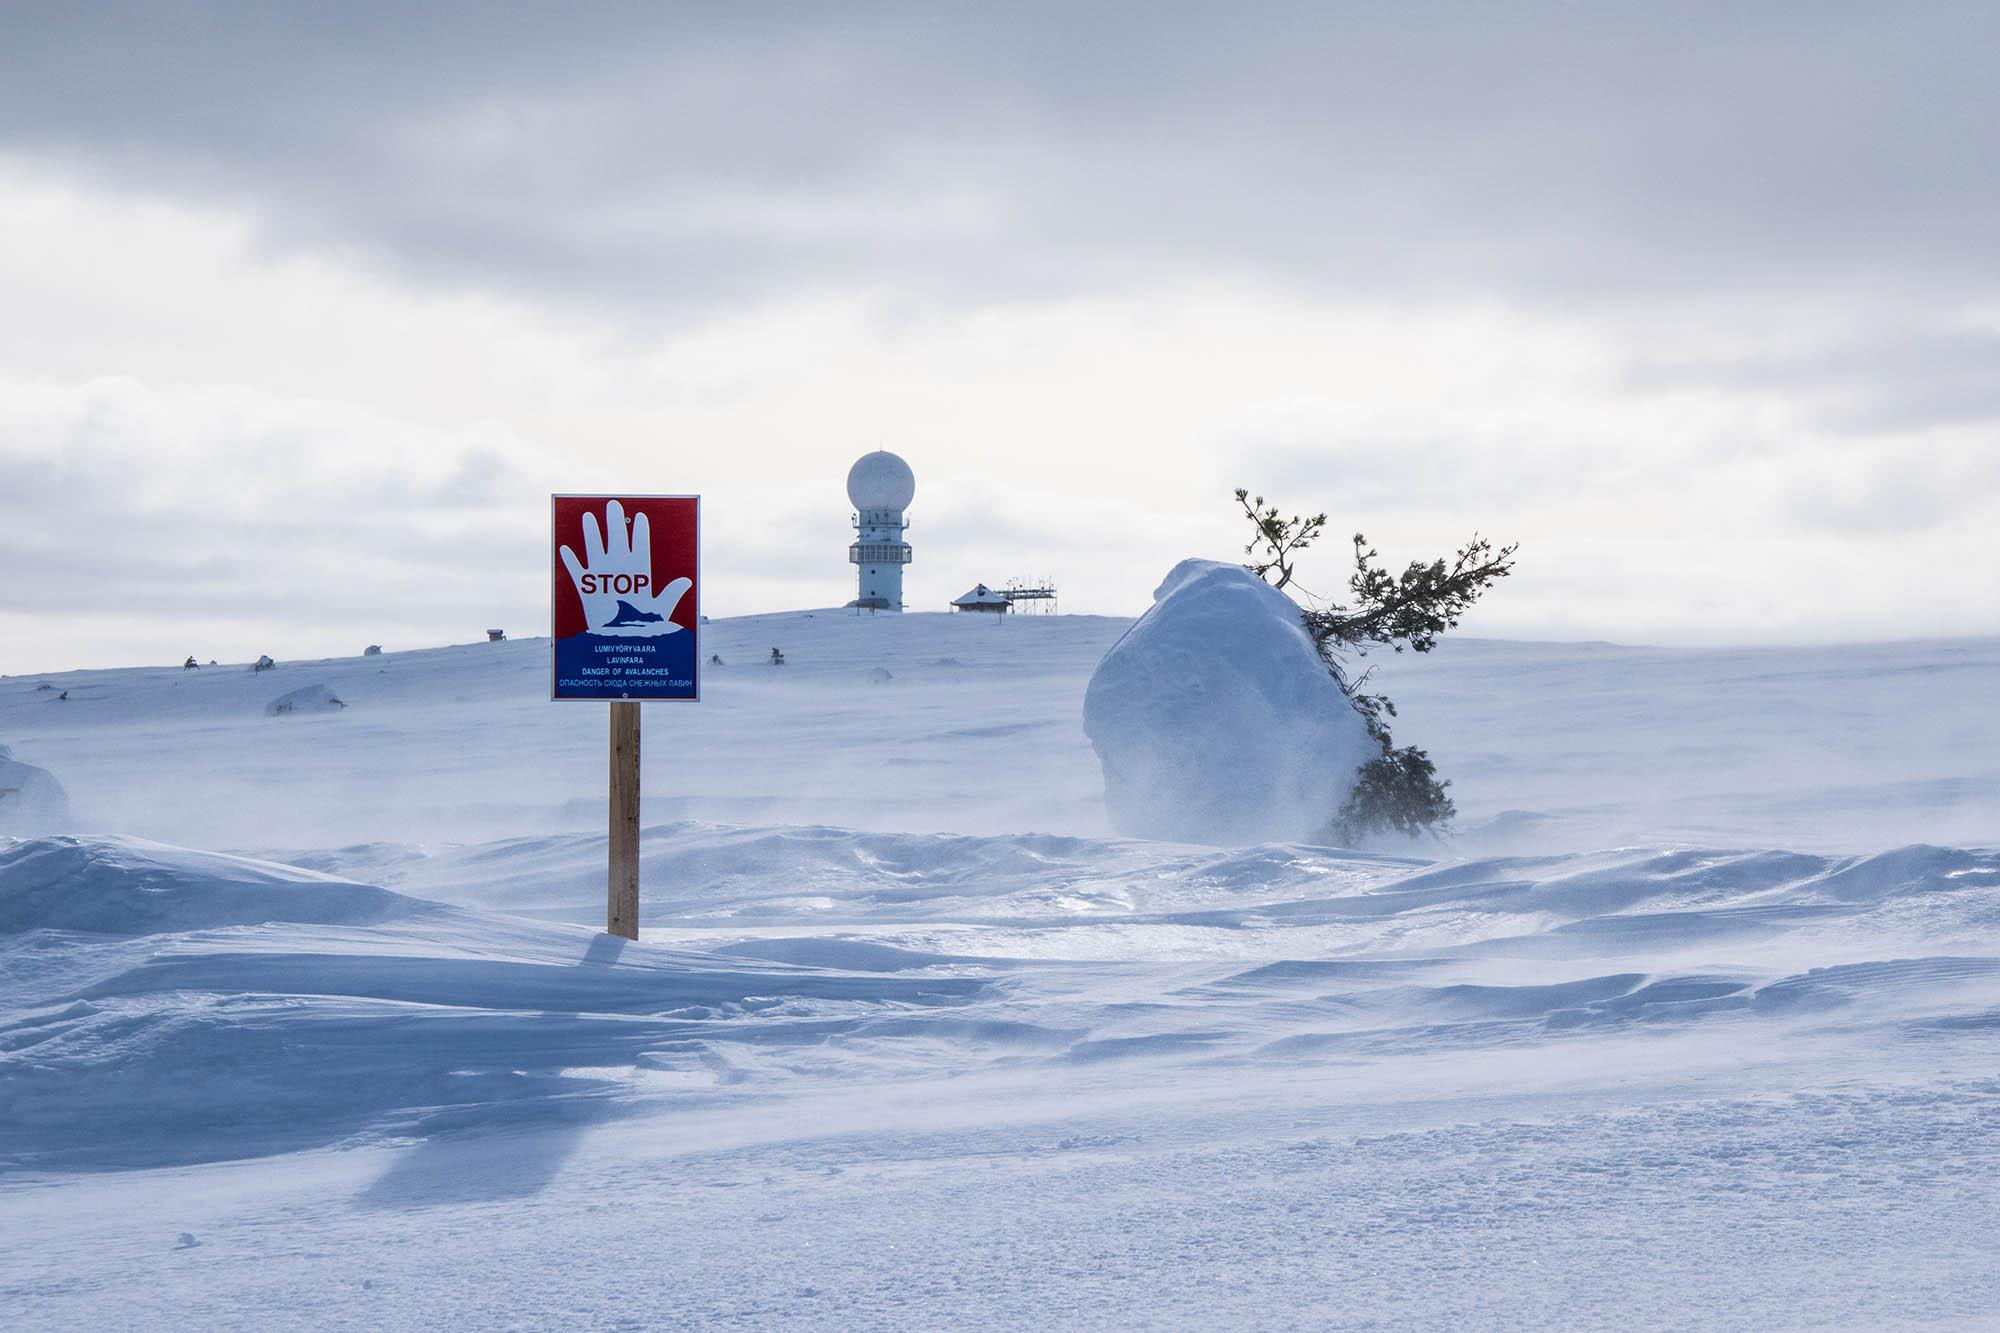 Luostolla kuvattu lumivyöryjen varoituskyltti on syytä ottaa vakavasti. Kuva Ski.fi